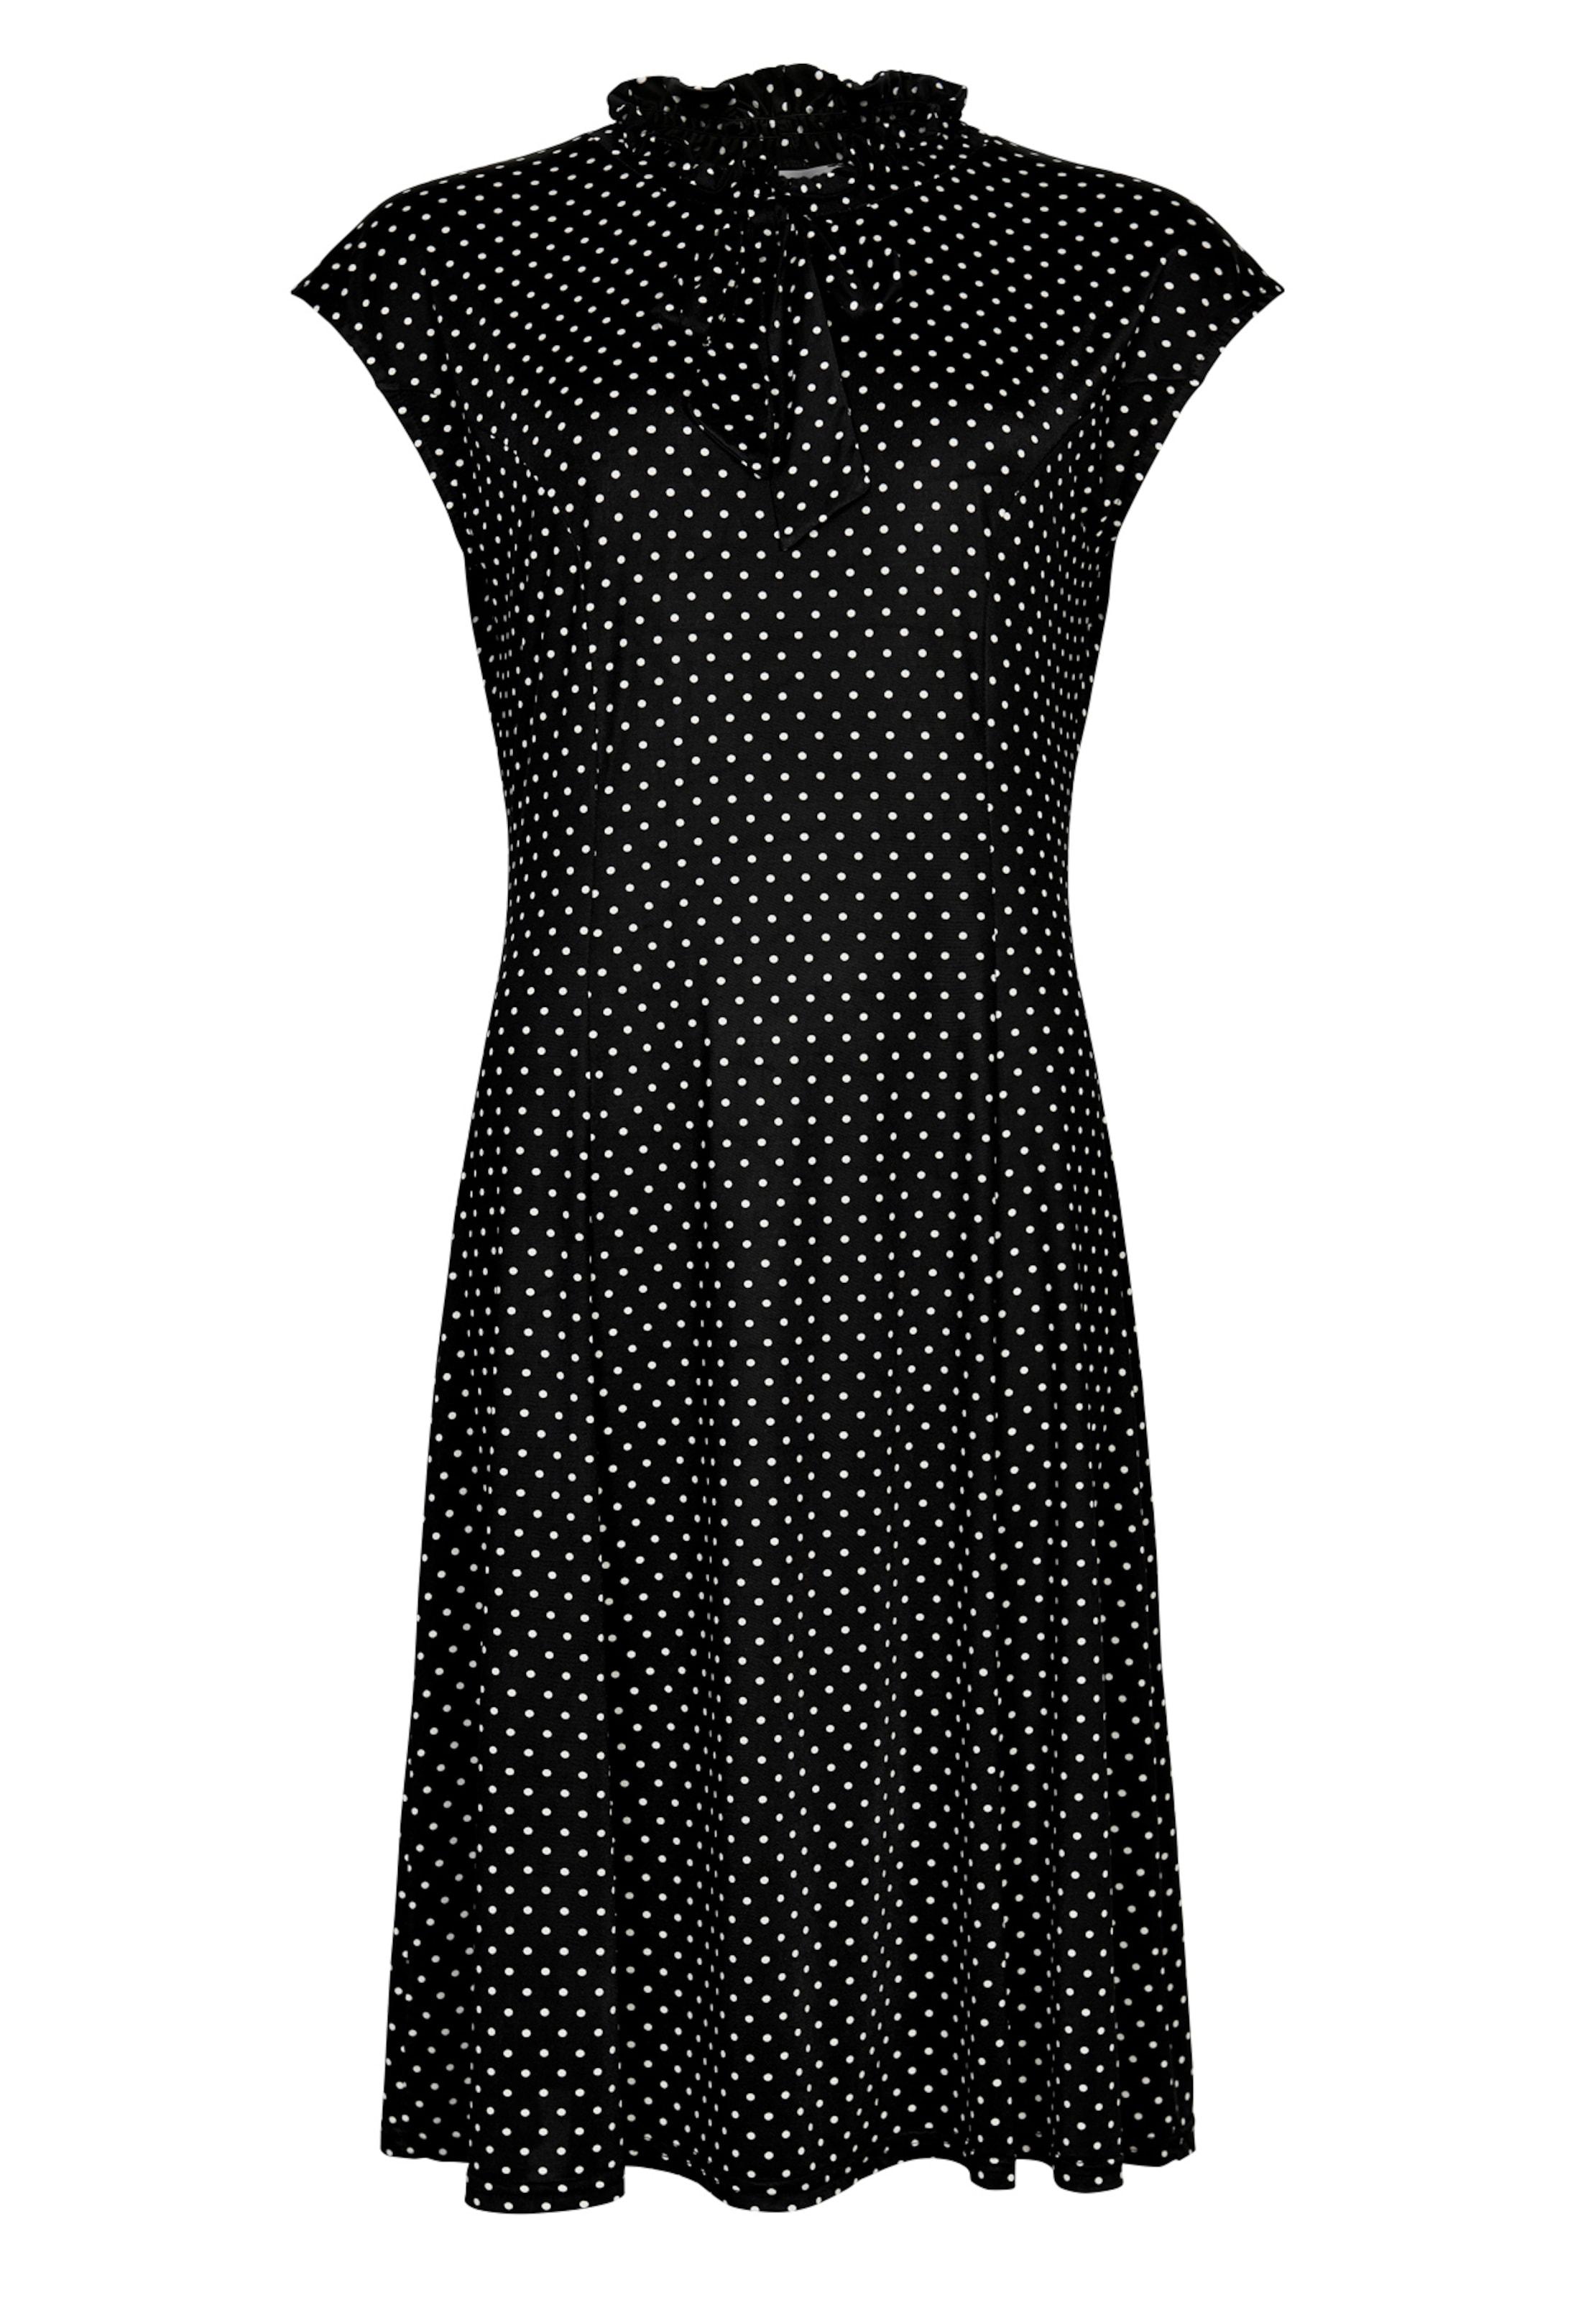 In 'sylvie' Front Front In Kleid In SchwarzWeiß SchwarzWeiß 'sylvie' Front Kleid yg76Ybf